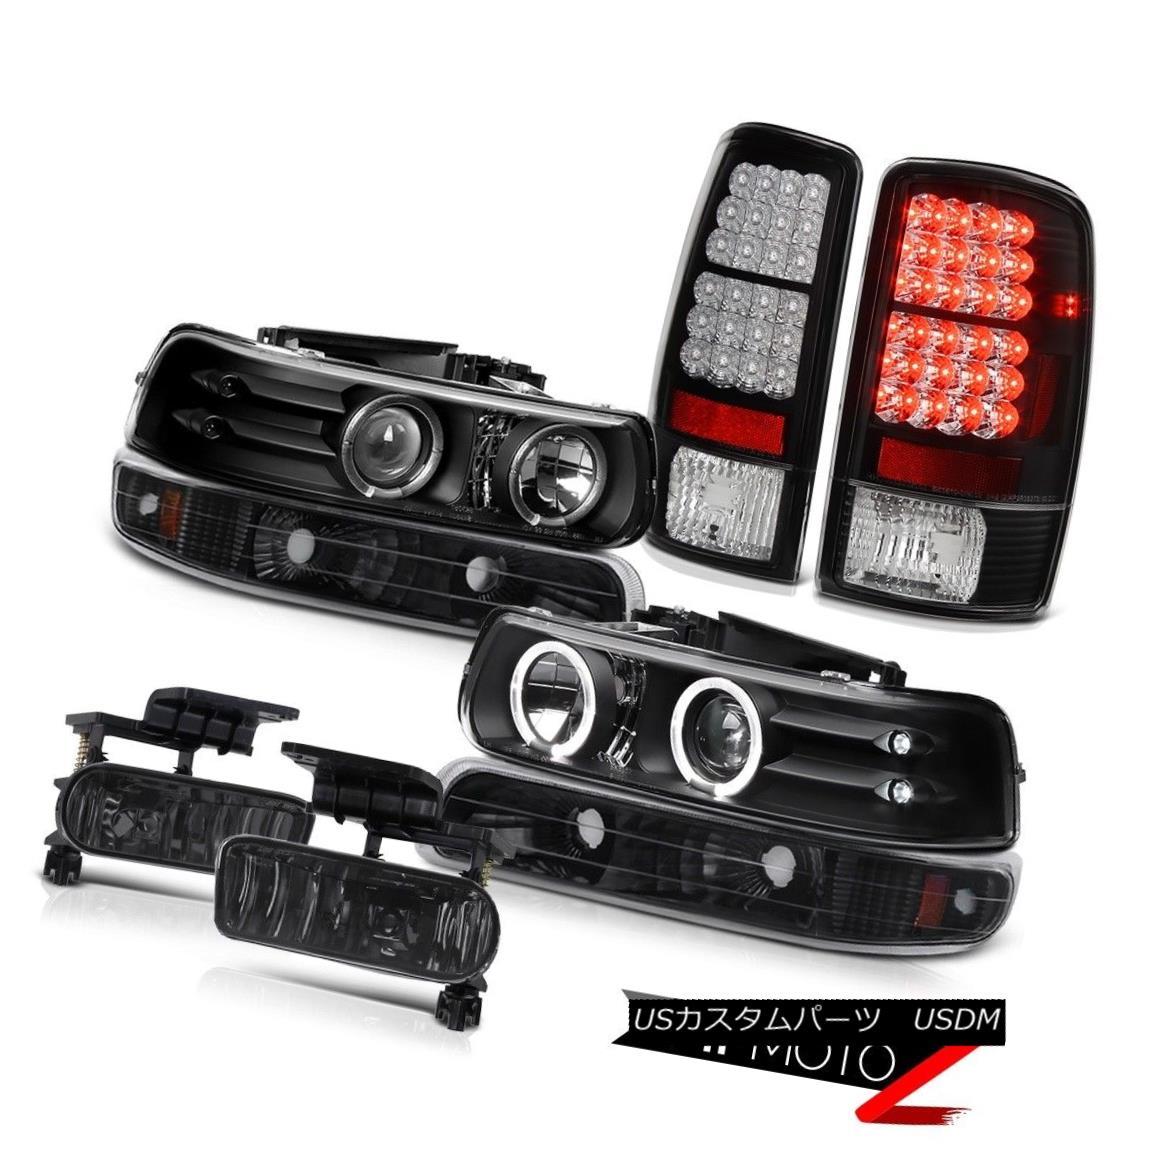 テールライト Blk Angel Eye Headlights Signal LED Tail Lamp Dark Smoke Fog 00-06 Suburban 5.3L Blk Angel Eyeヘッドライト信号LEDテールランプダークスモークフォグ00-06郊外5.3L